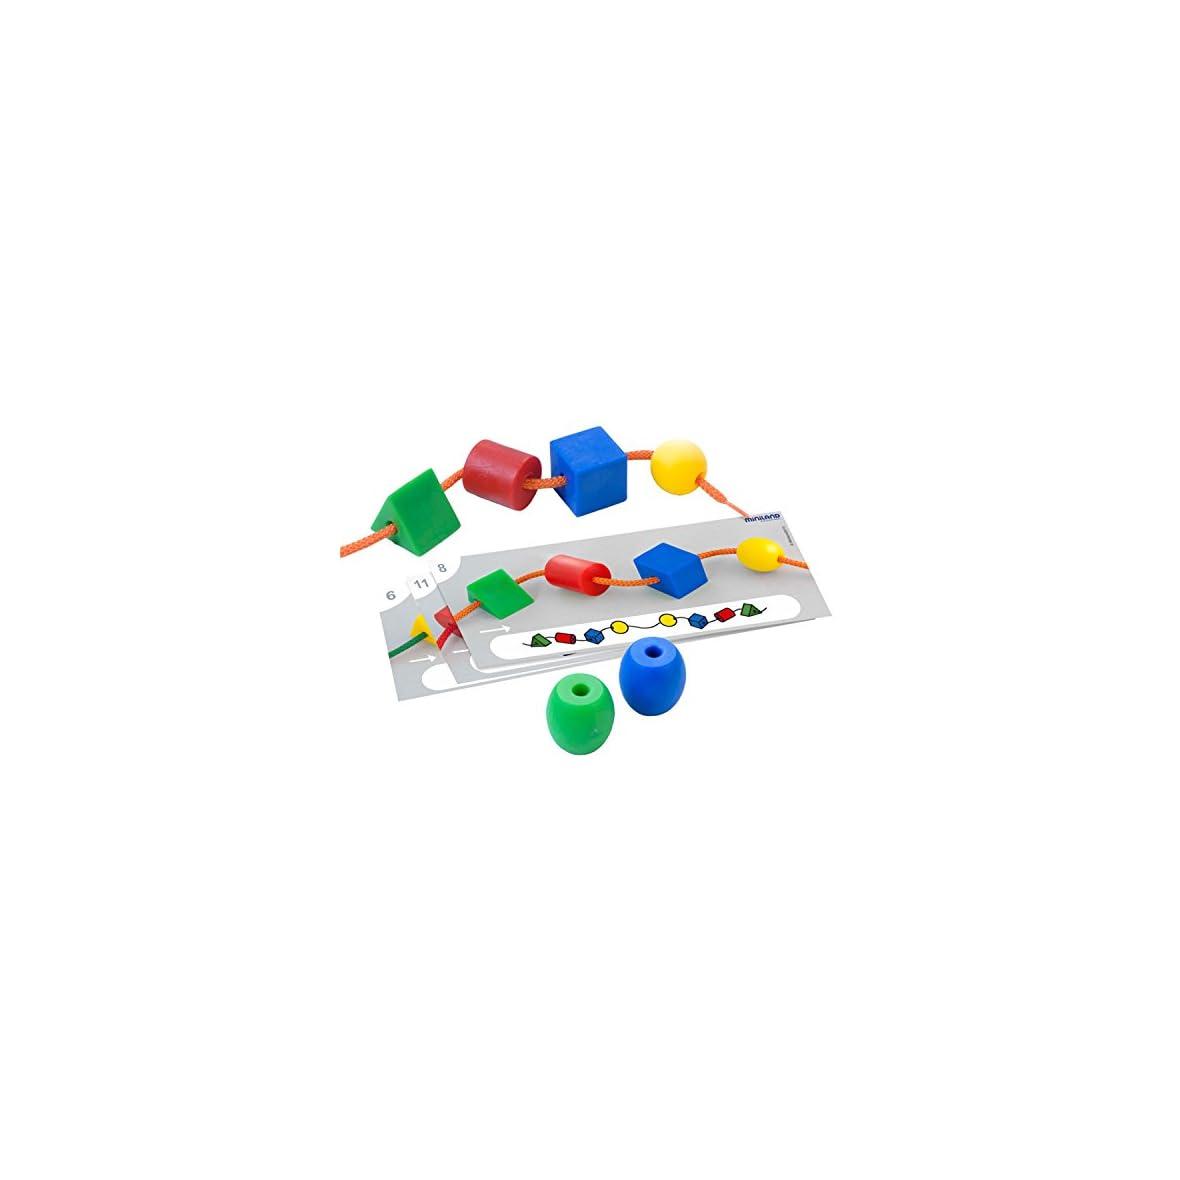 Miniland-Juego-de-matematicas-31783-colormodelo-surtido